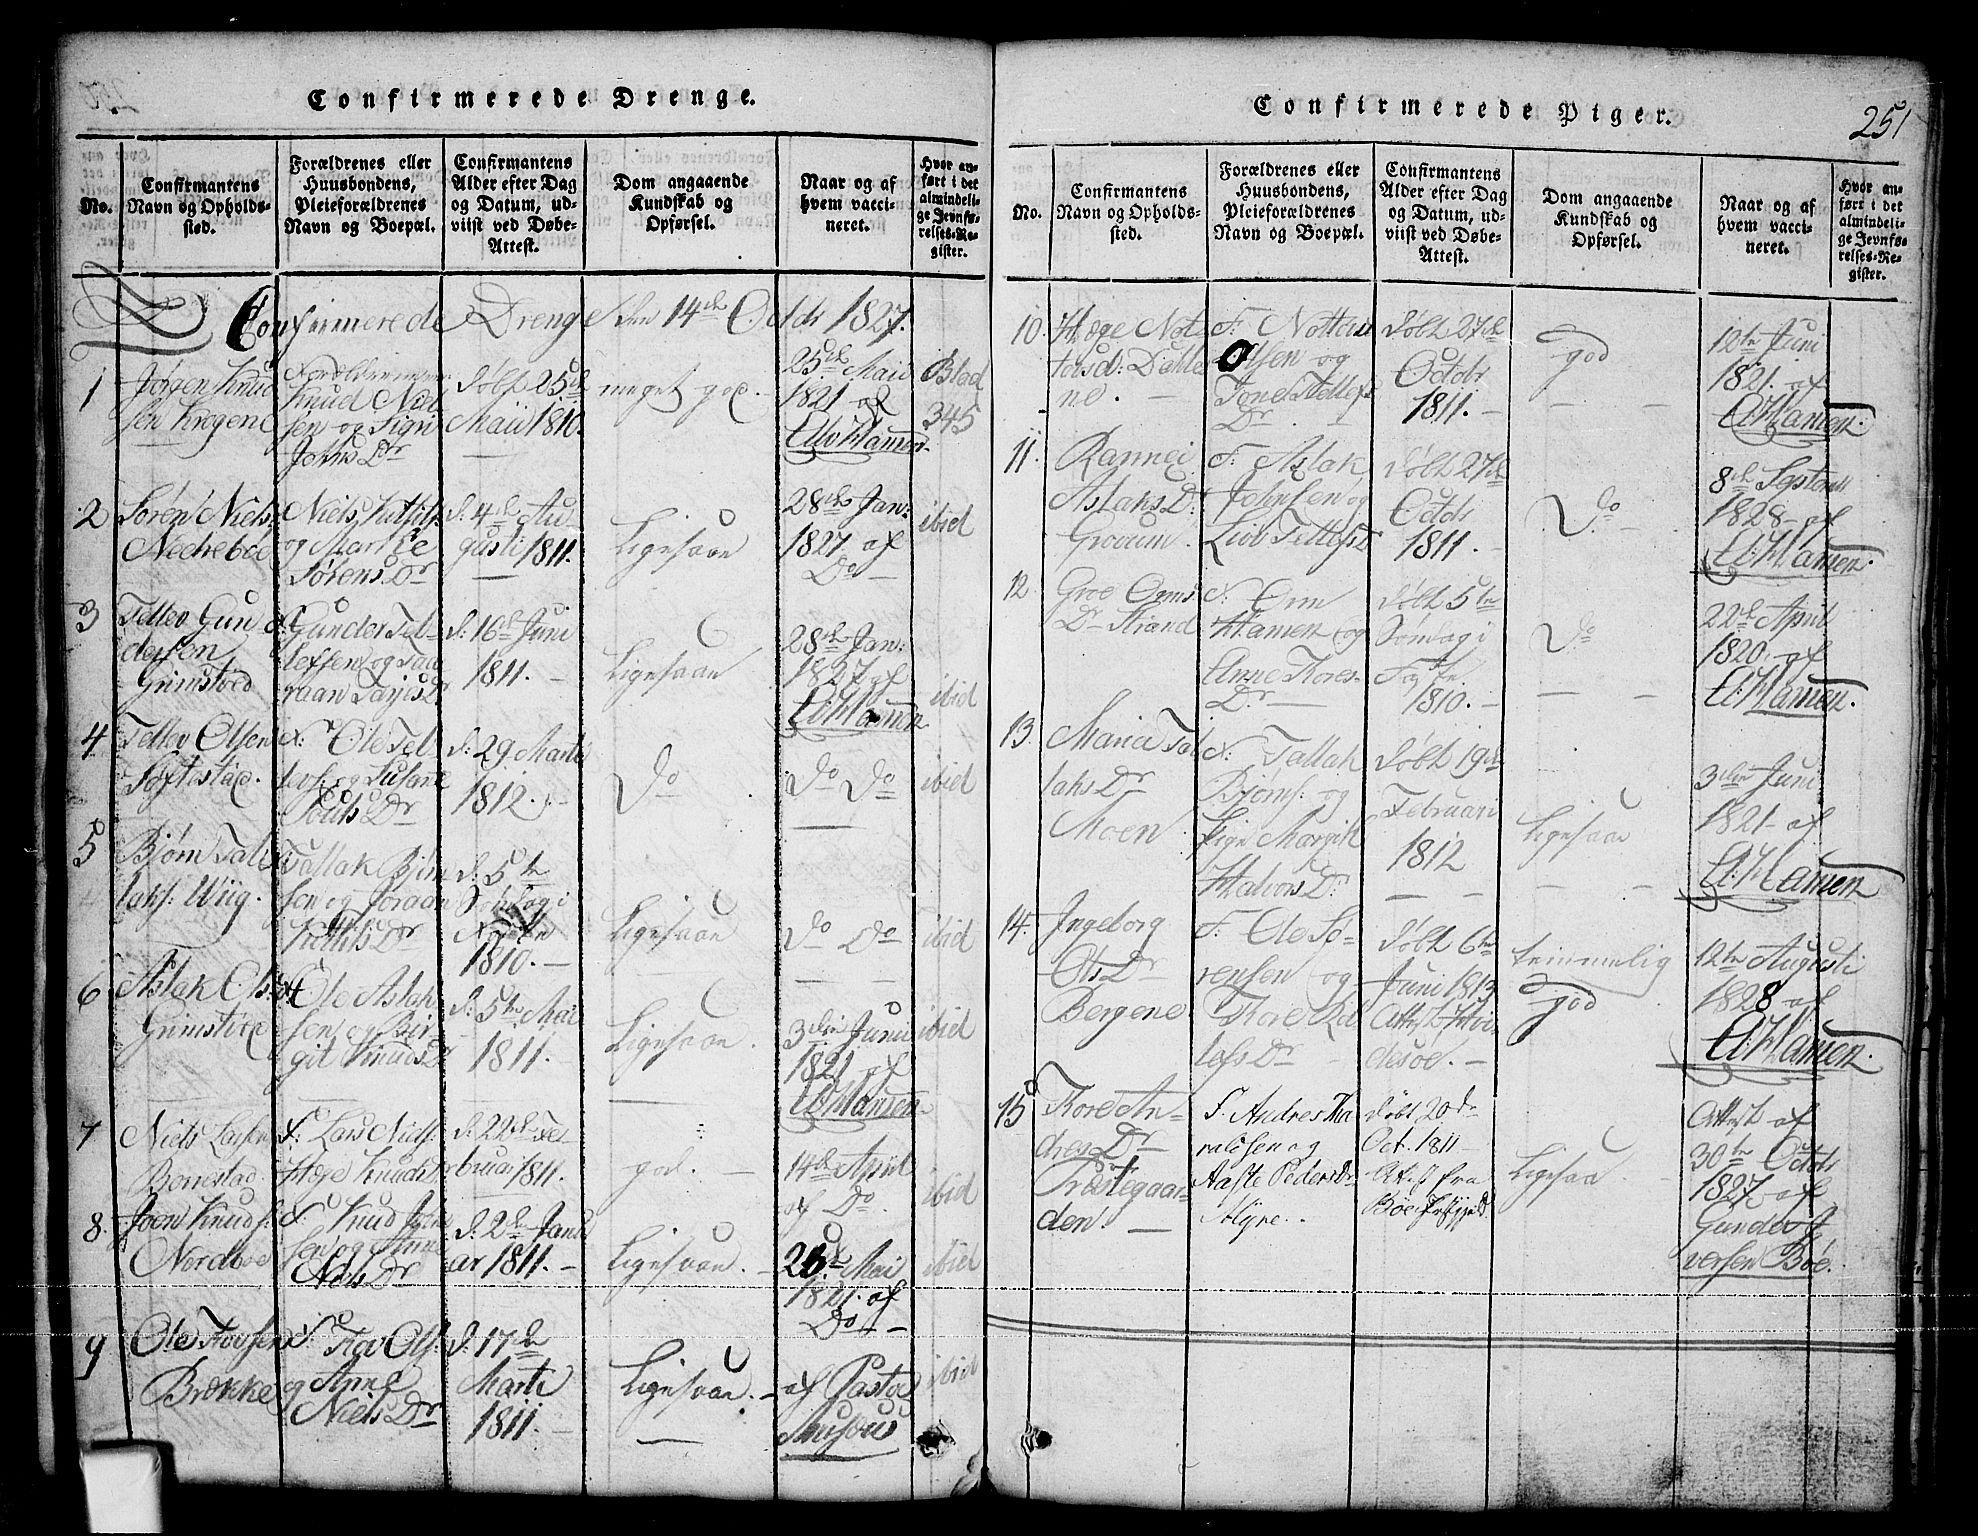 SAKO, Nissedal kirkebøker, G/Ga/L0001: Klokkerbok nr. I 1, 1814-1860, s. 251